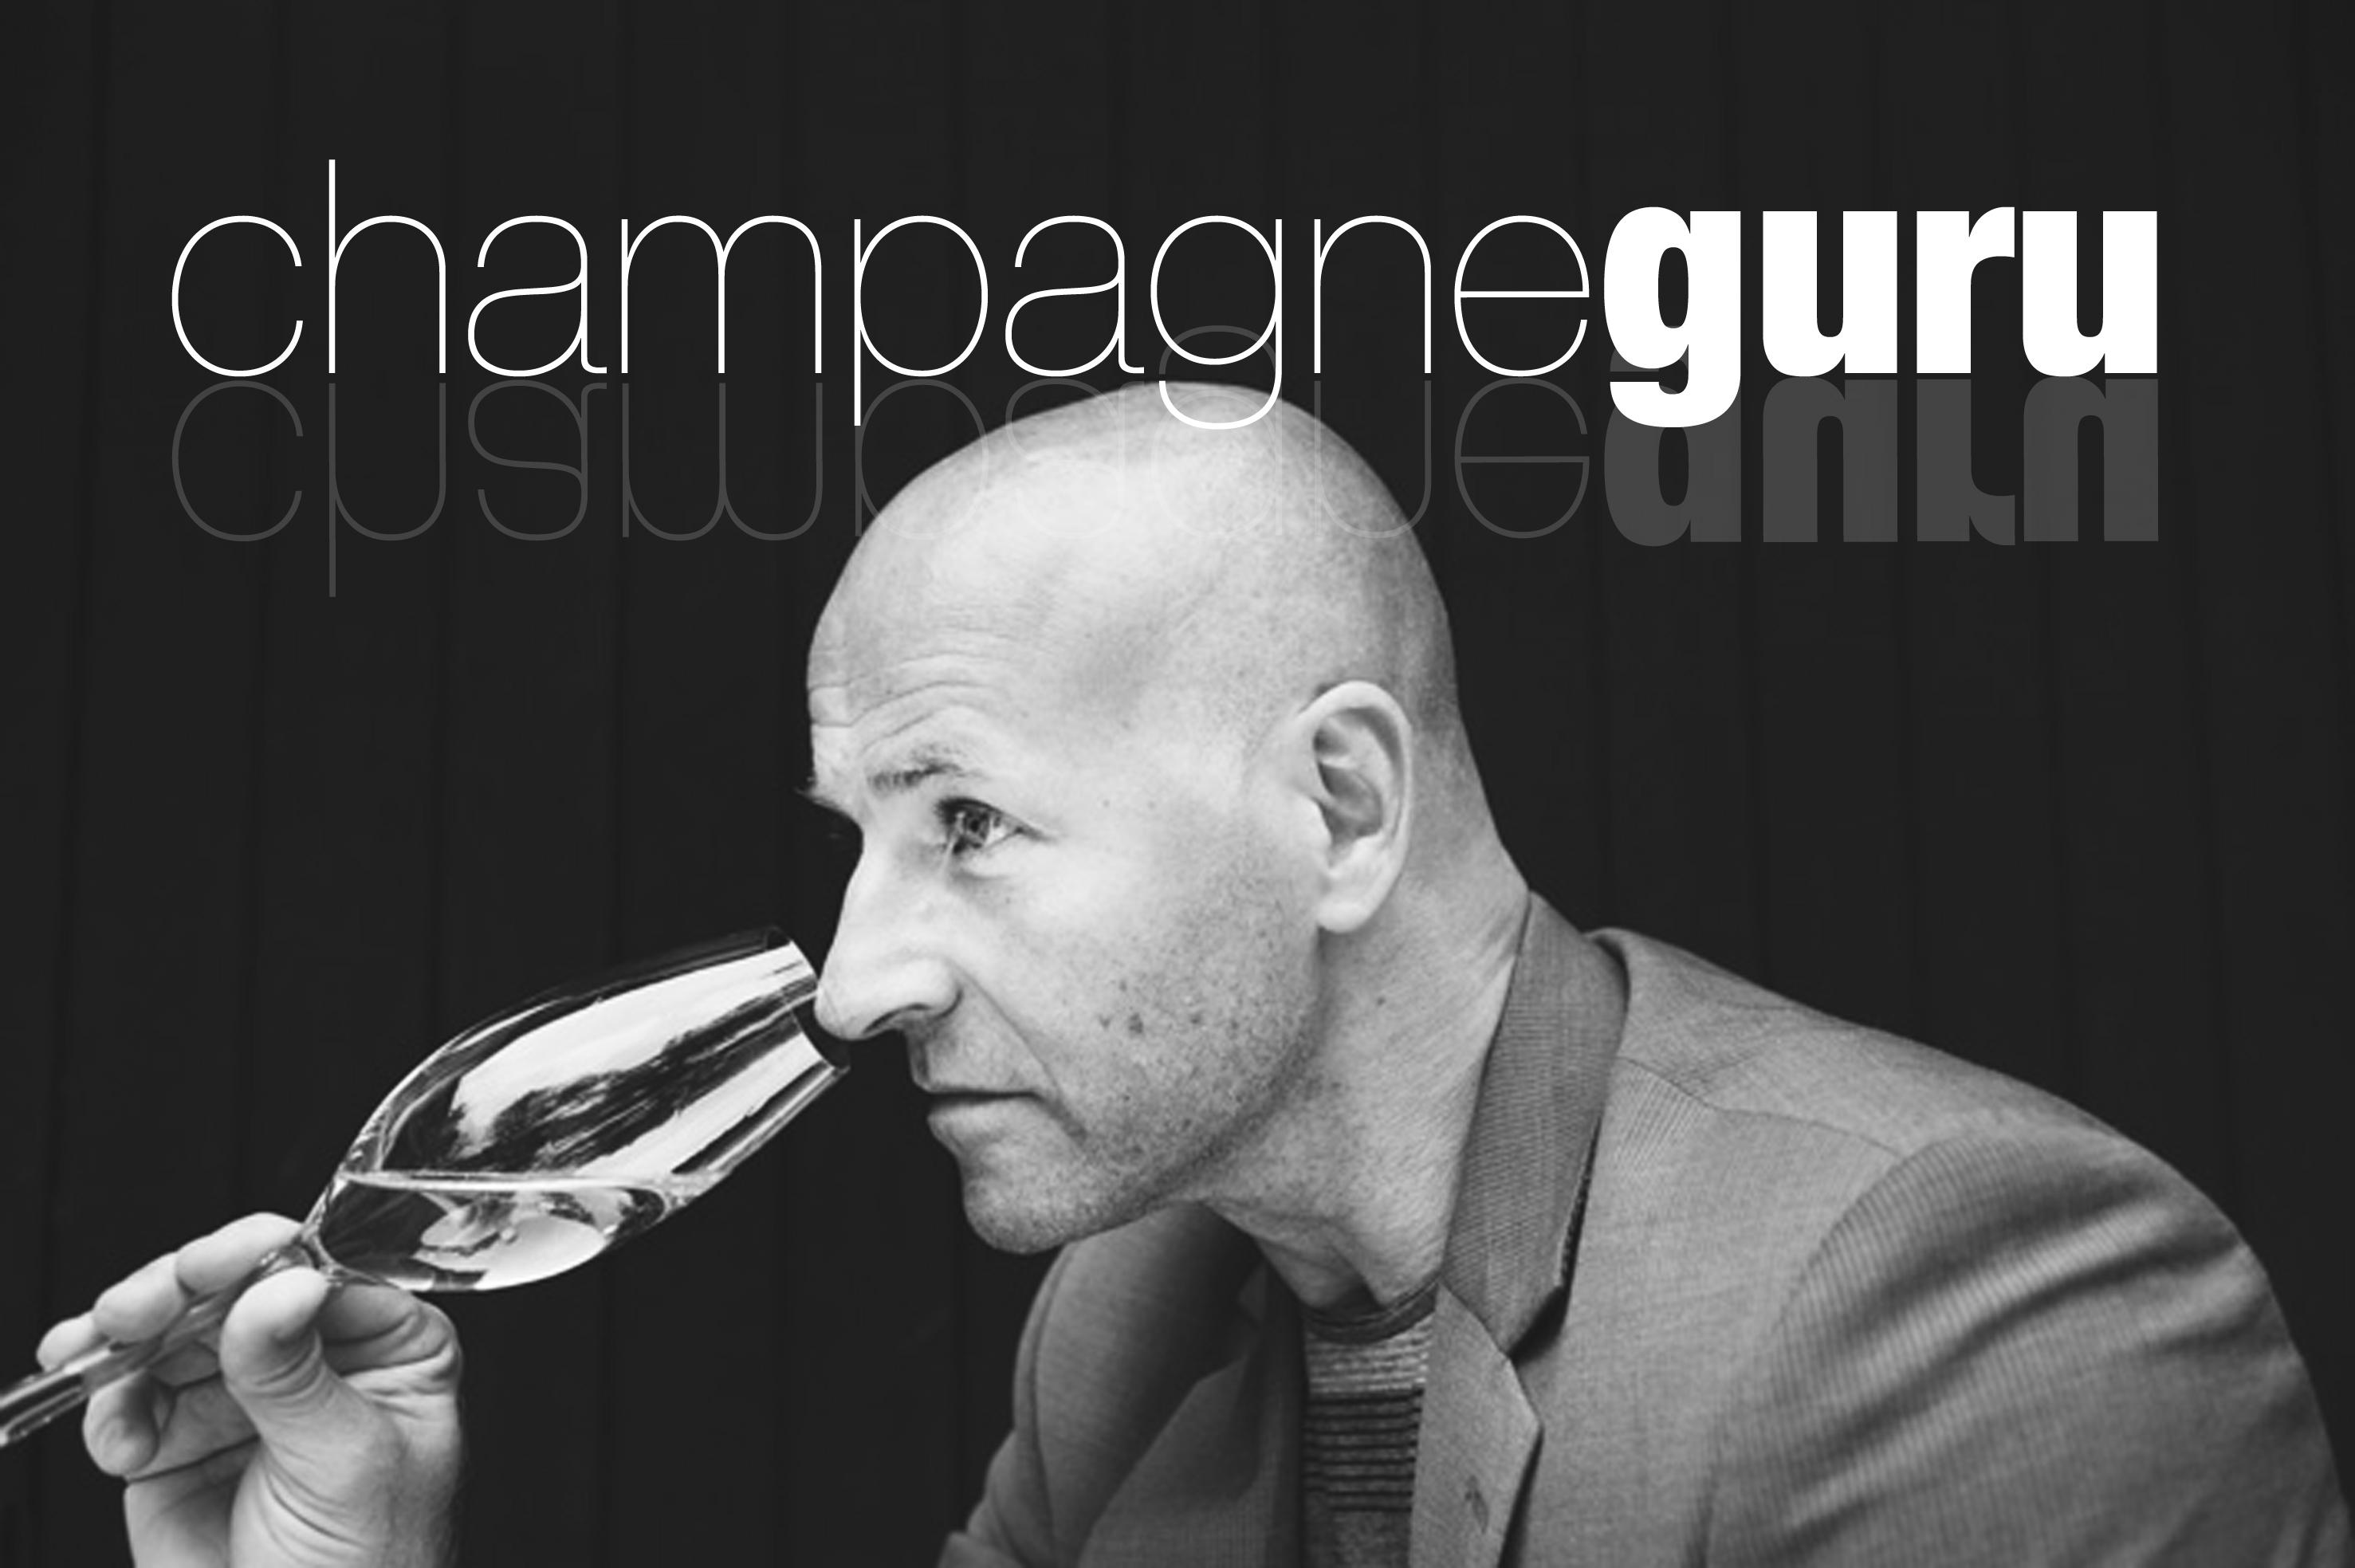 Två Dagar, inför nyårsafton: Champagnemiddag hemma hos experten Richard Juhlin på Lidingö